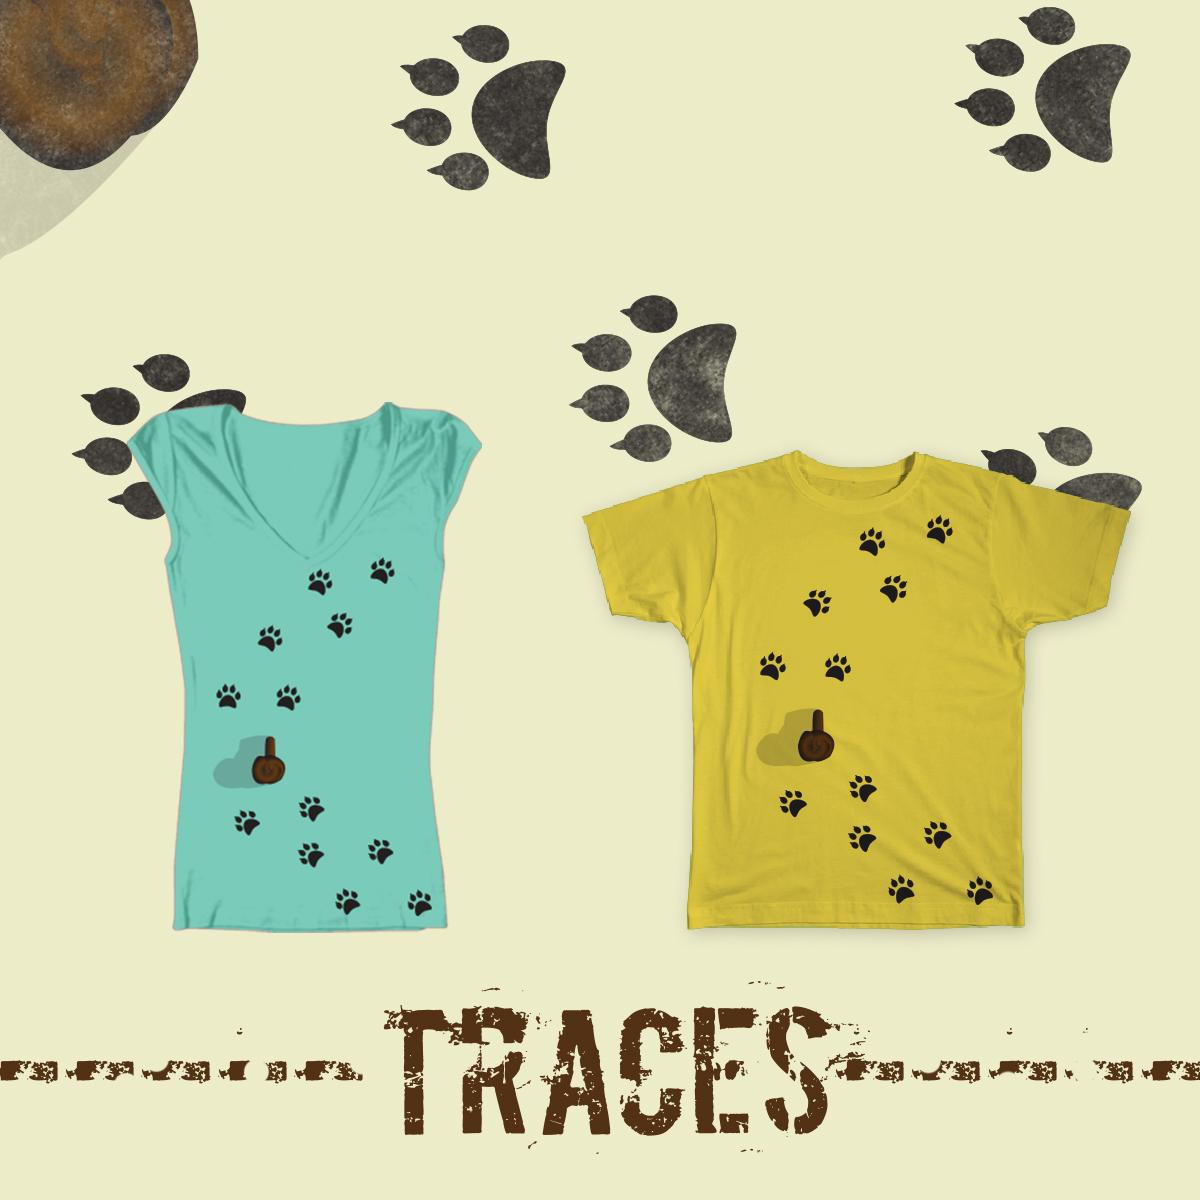 ---Traces--- by Asaar on Threadless